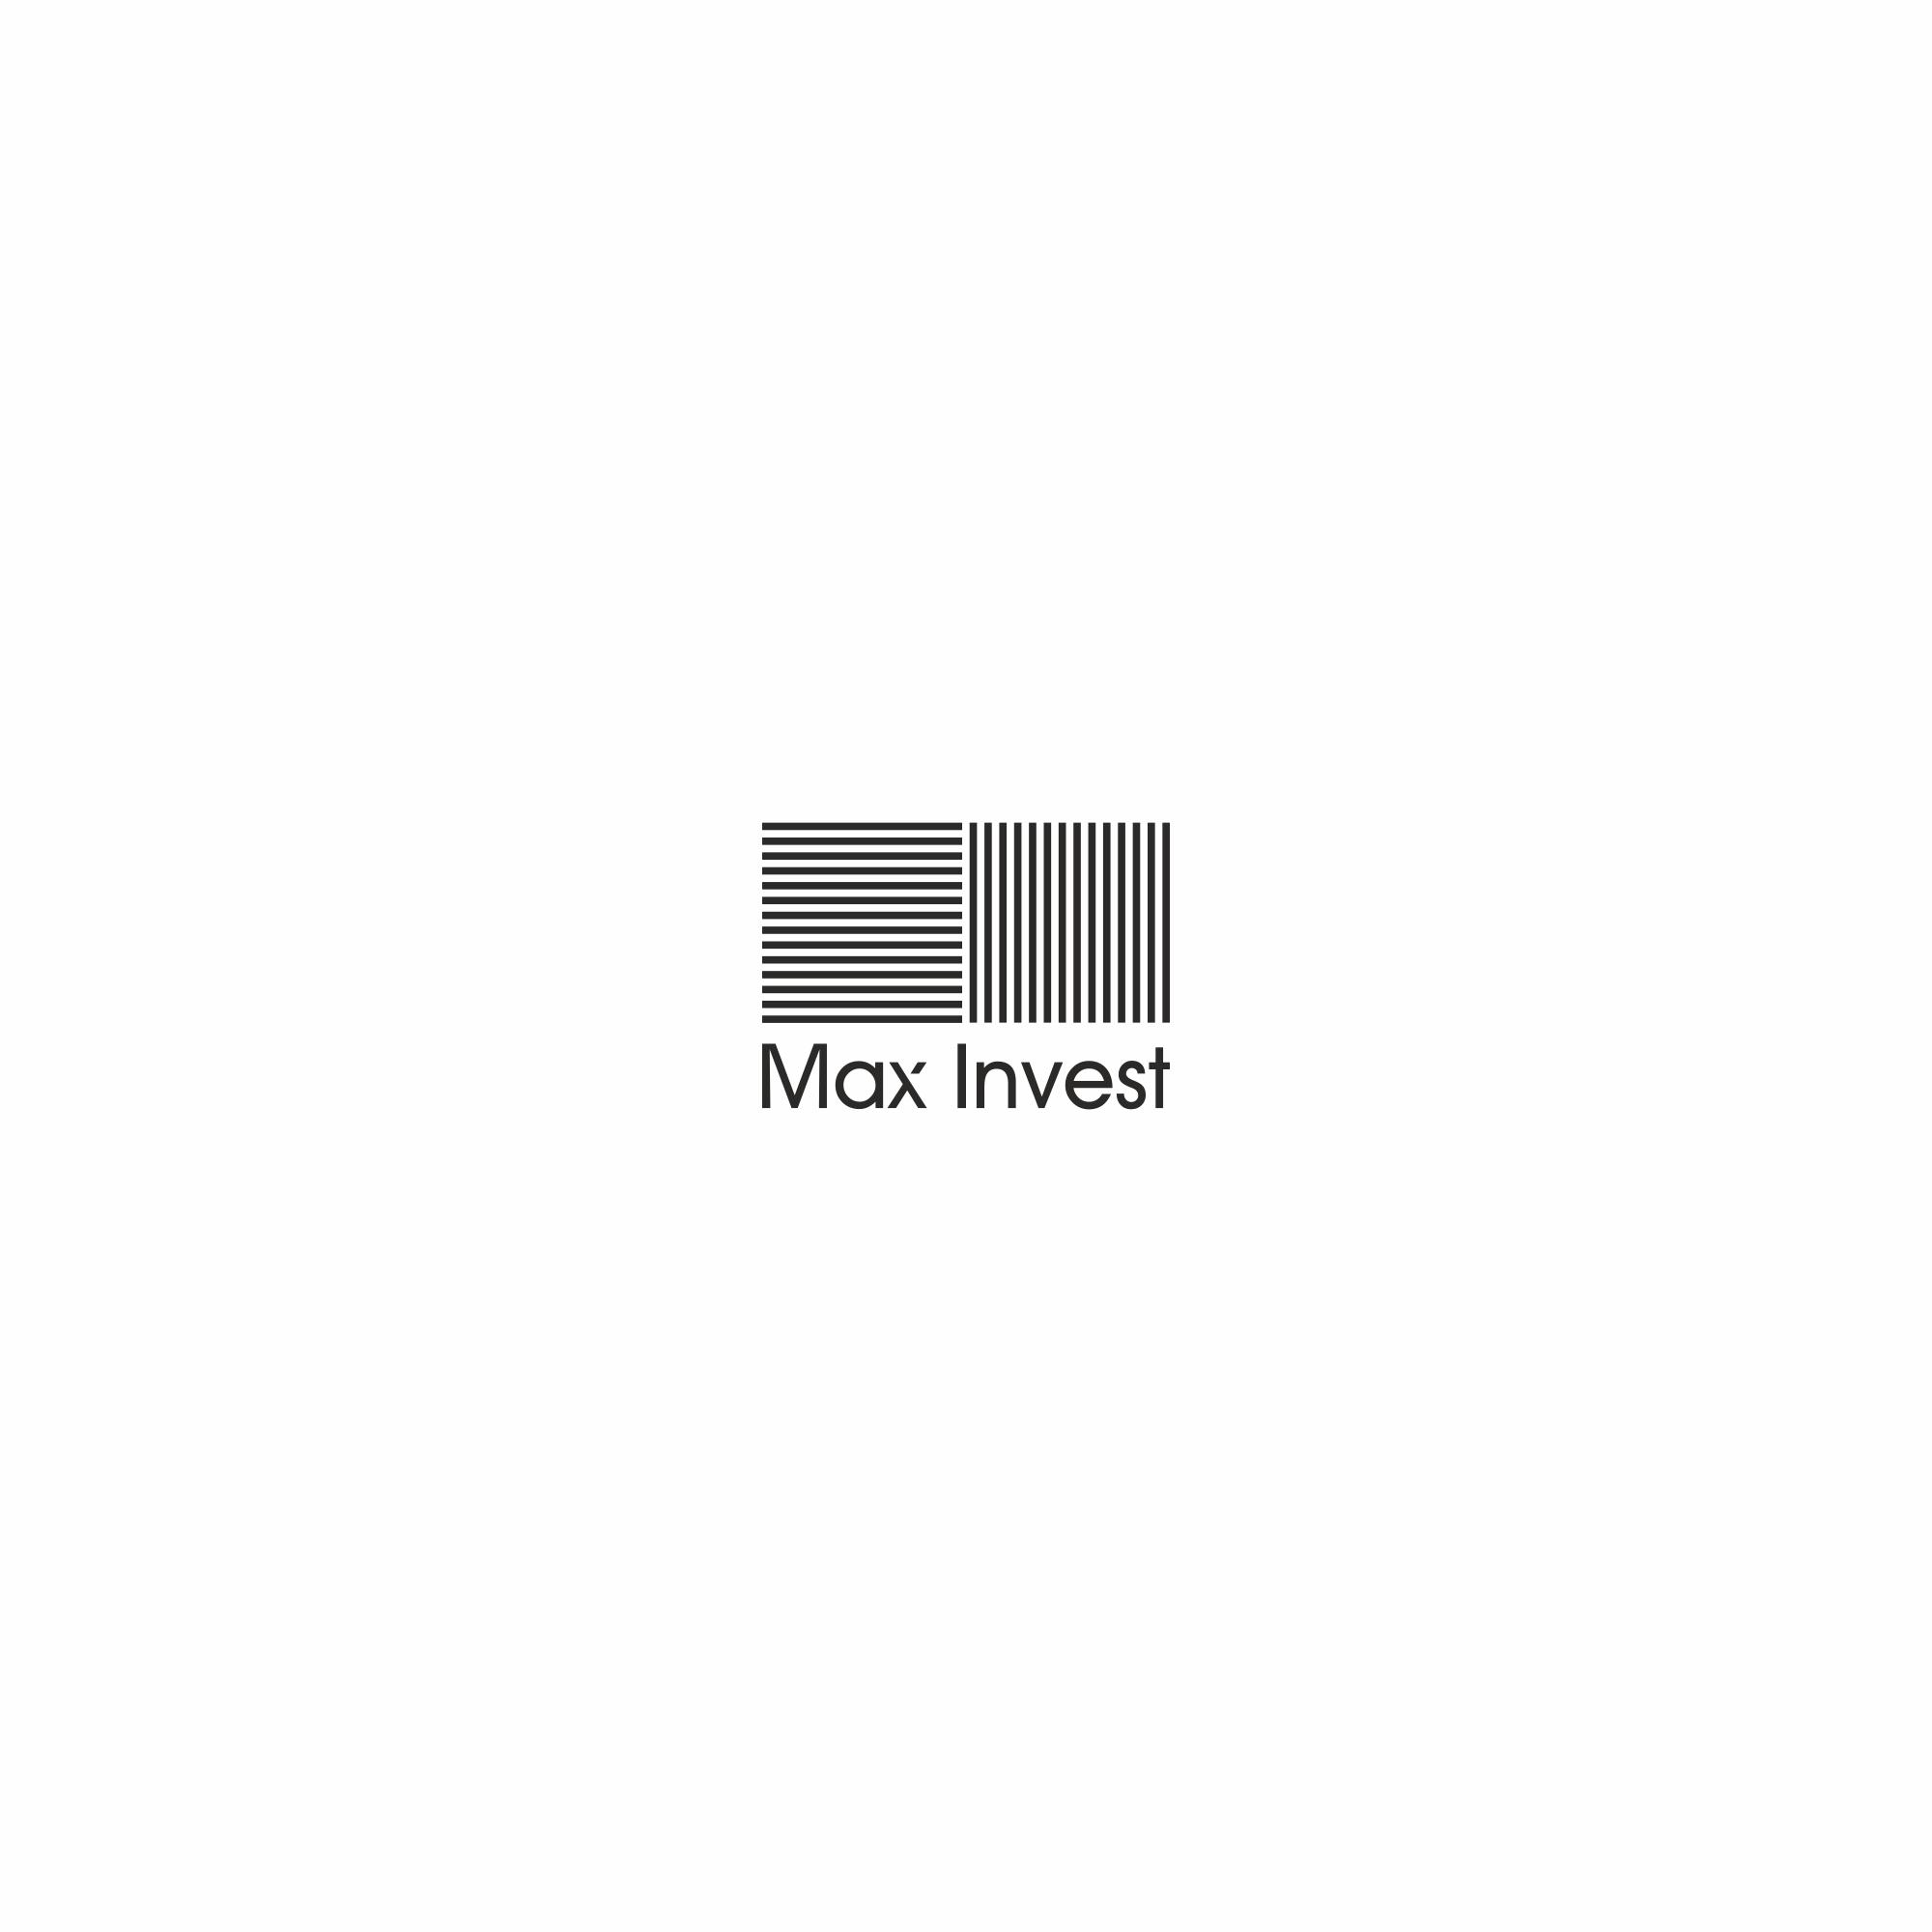 Логотип, фирменный шрифт, фирменный бланк фото f_6045aeaf4479cbee.jpg